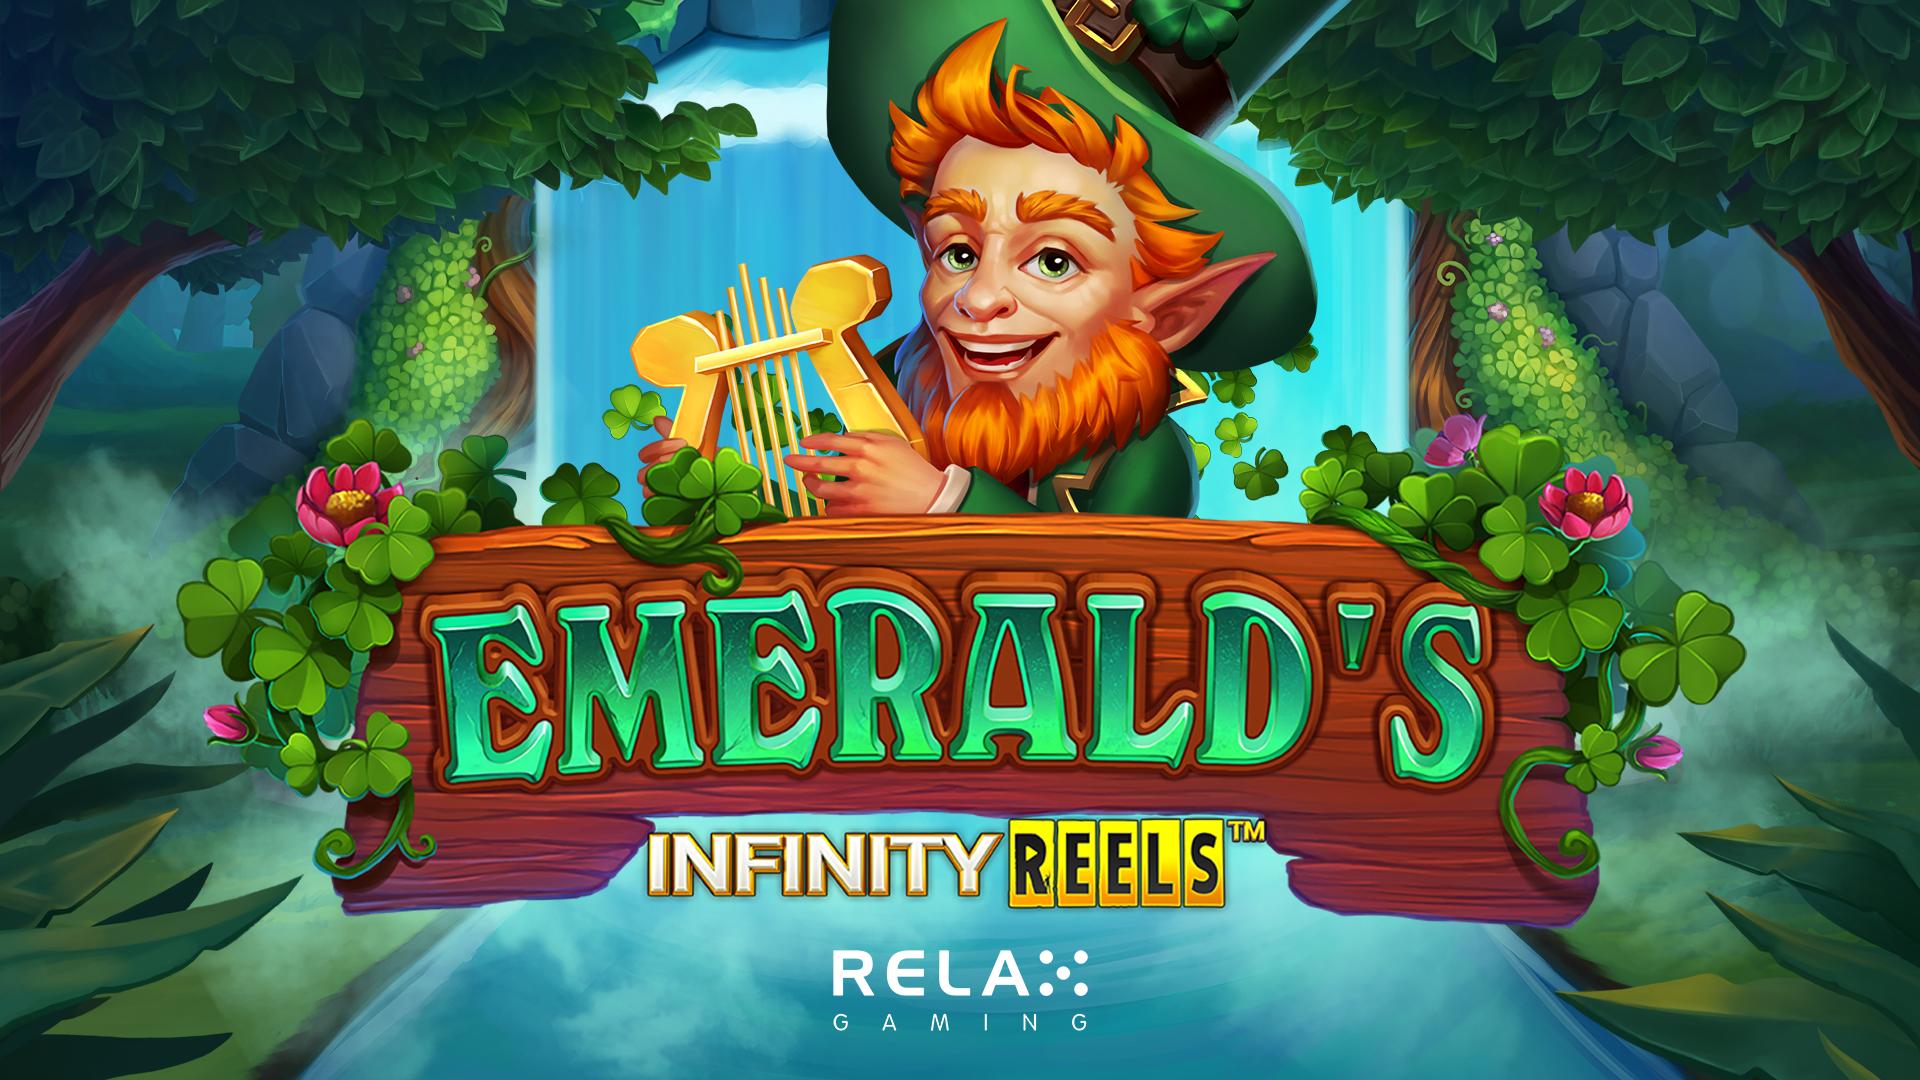 BonusFinder: Emerald's Infinity Reels